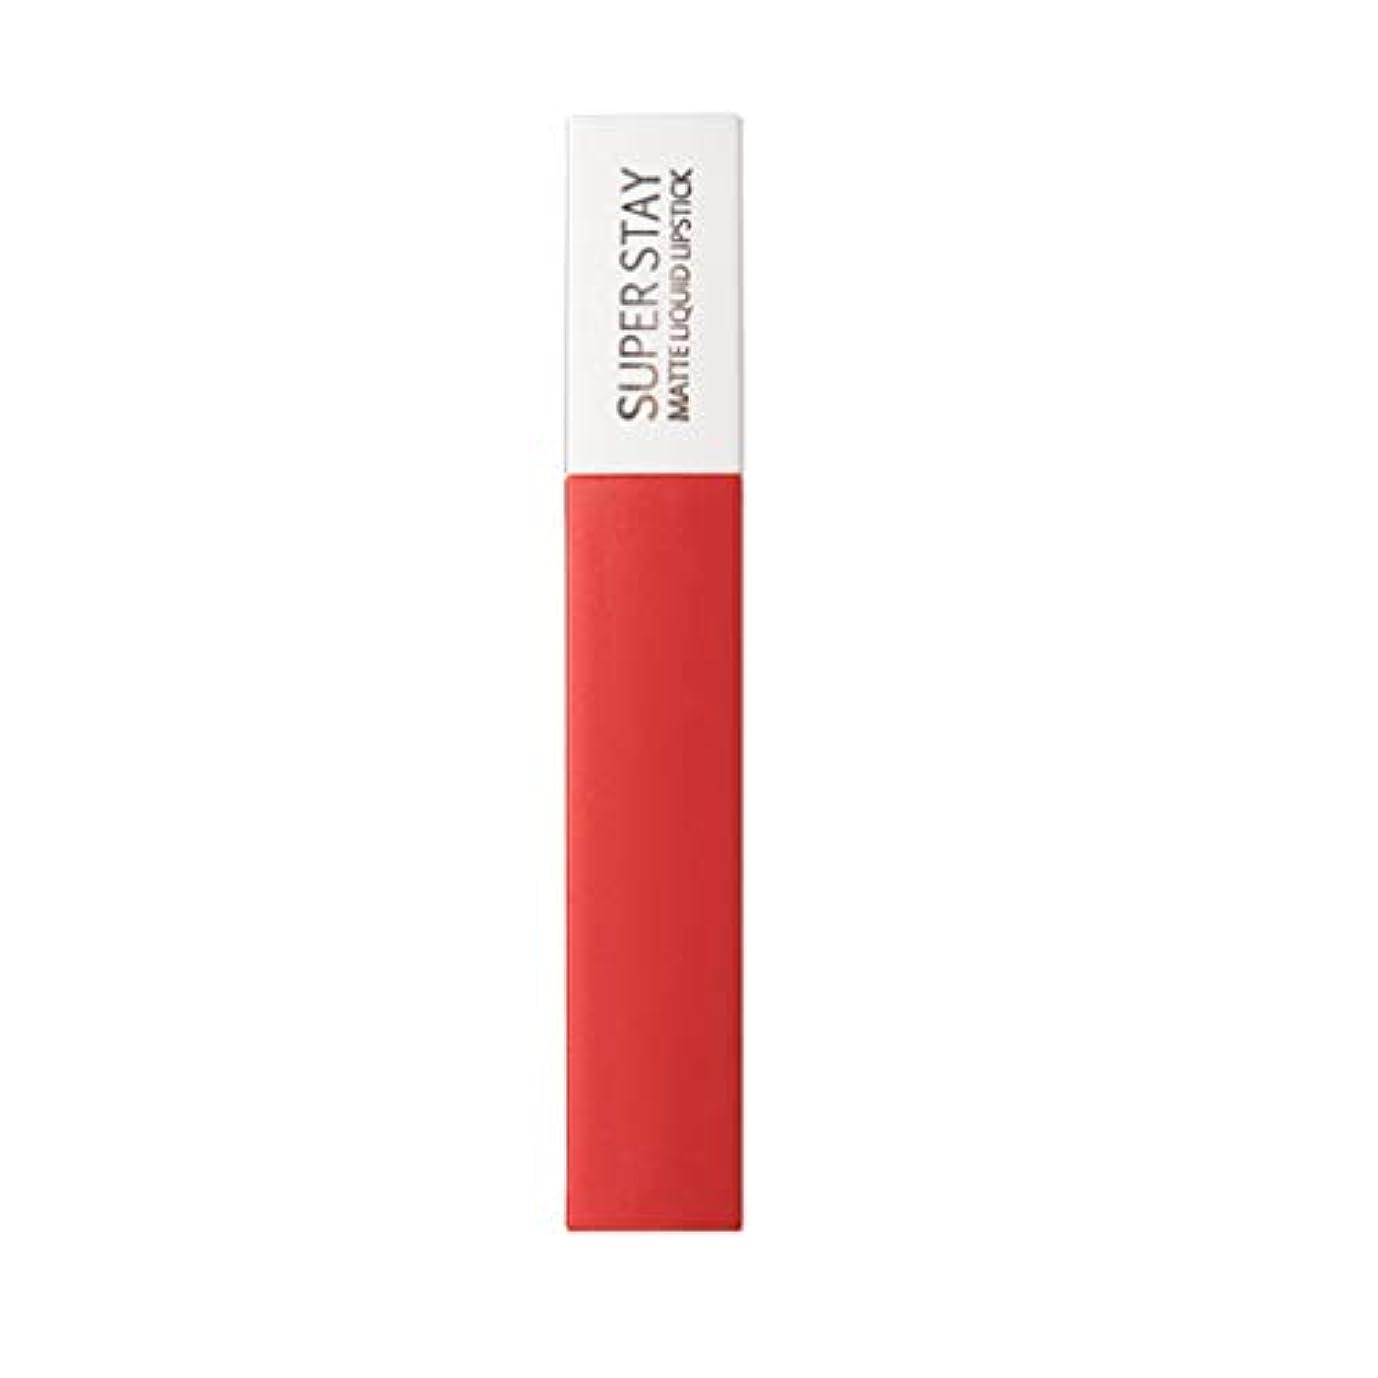 インシュレータ唇間に合わせ口紅 新タイプ かわいい オシャレなリップグロス 唇の温度で色が変化するリップ 天然オイル入り 自然なツヤ 保湿 長持ち リップスティック リップベース 防水 透明 リップベース 子供 大人 プレゼント